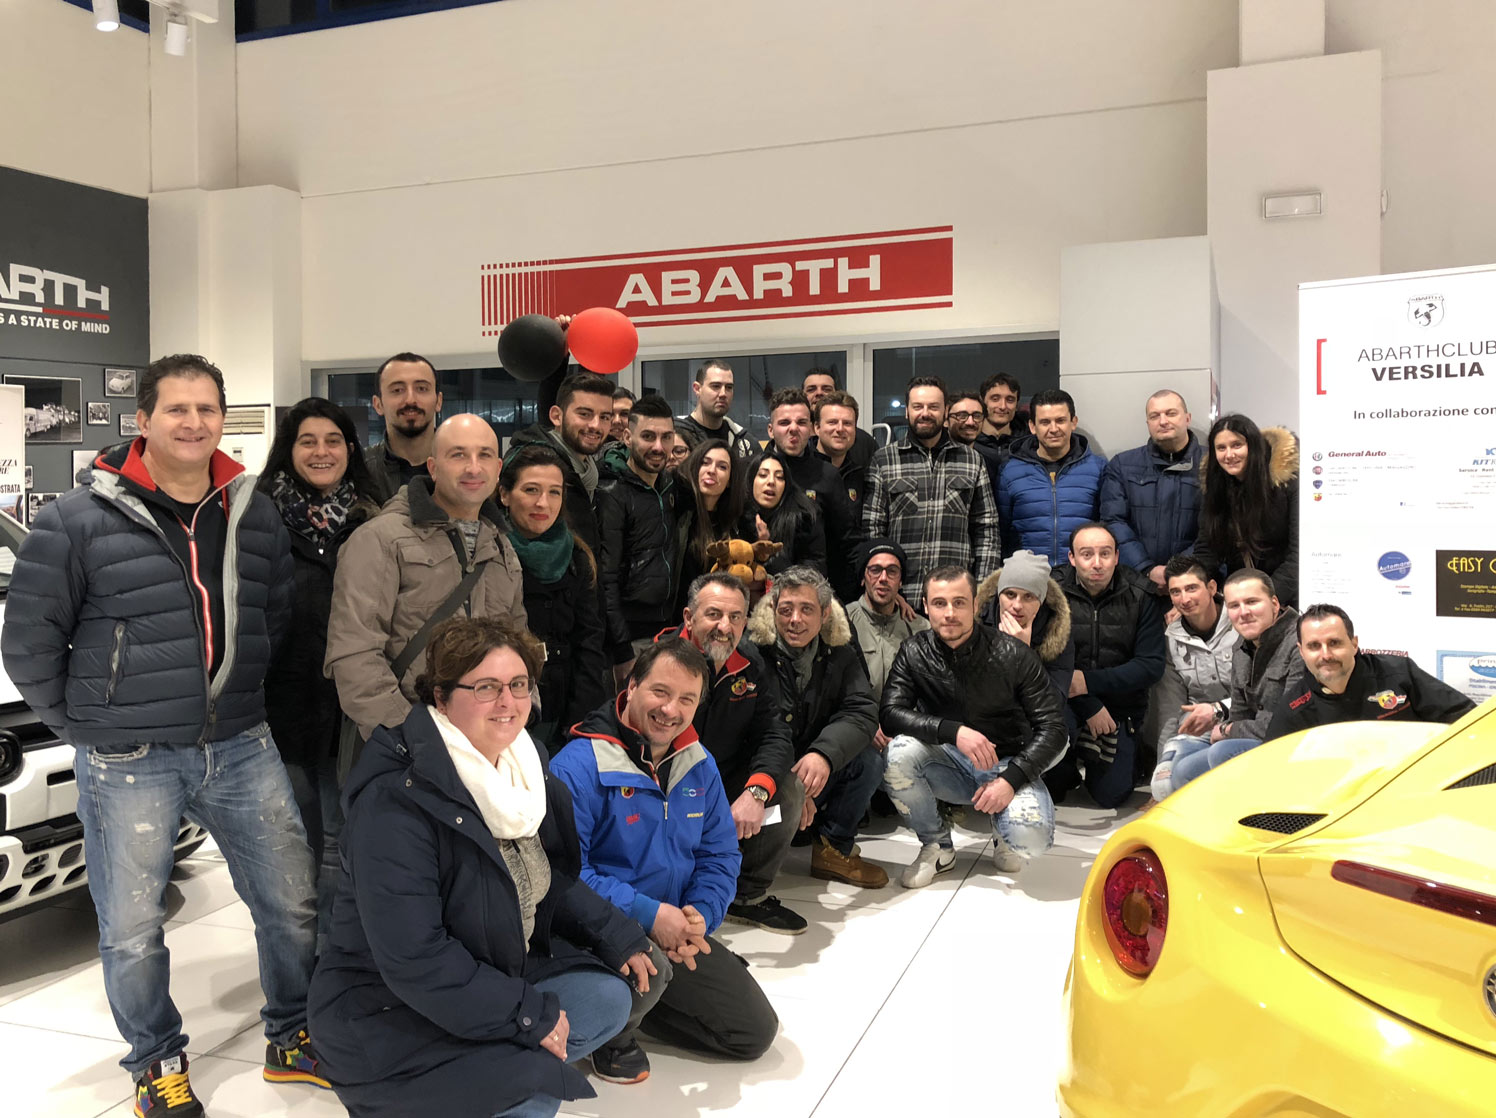 Primo raduno dell'Abarth Club Versilia di Viareggio